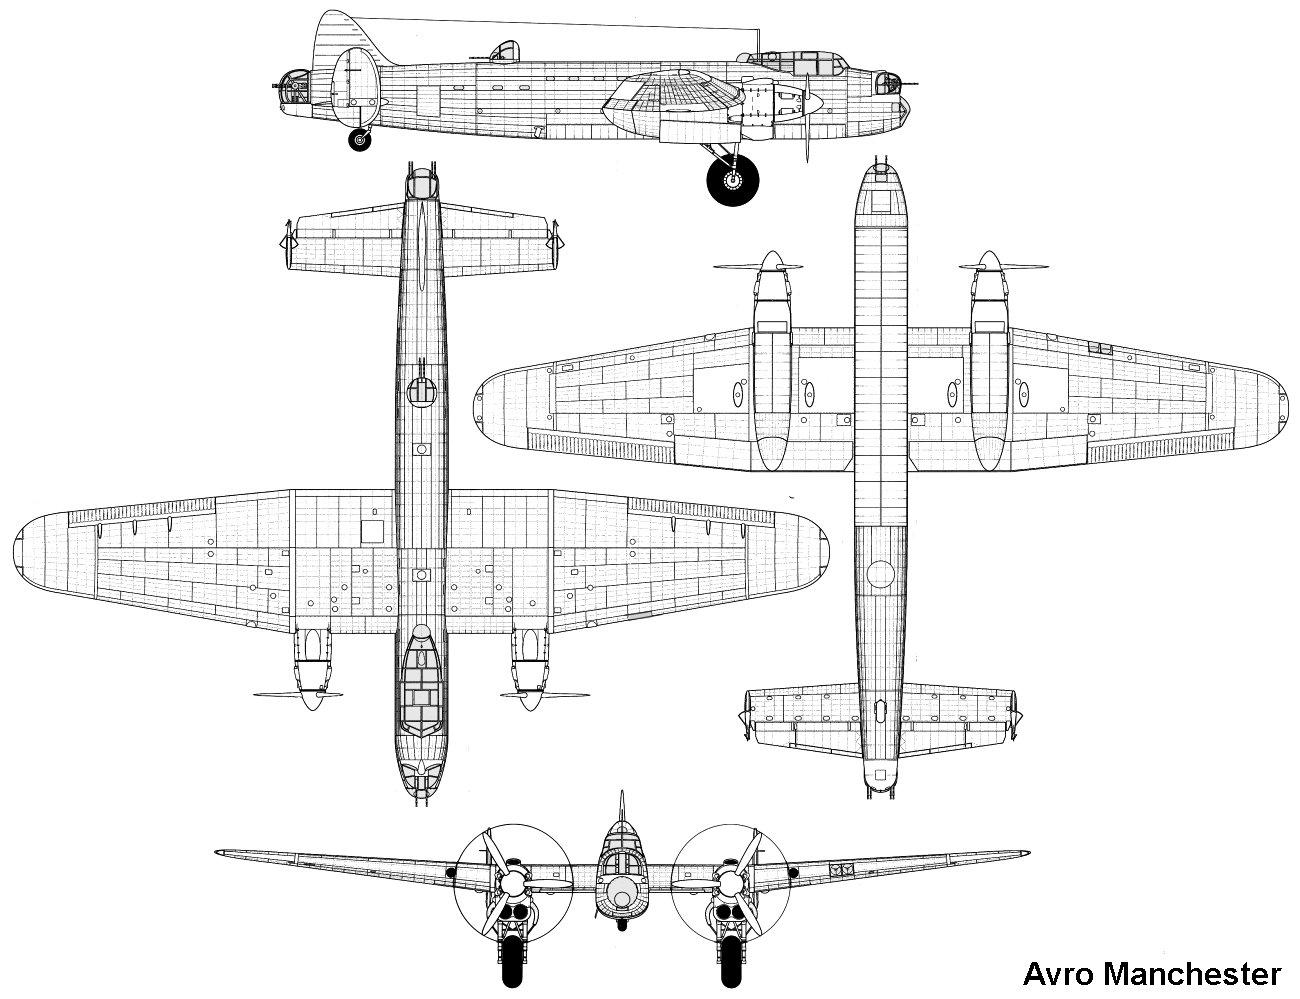 Avro Manchester Blueprint